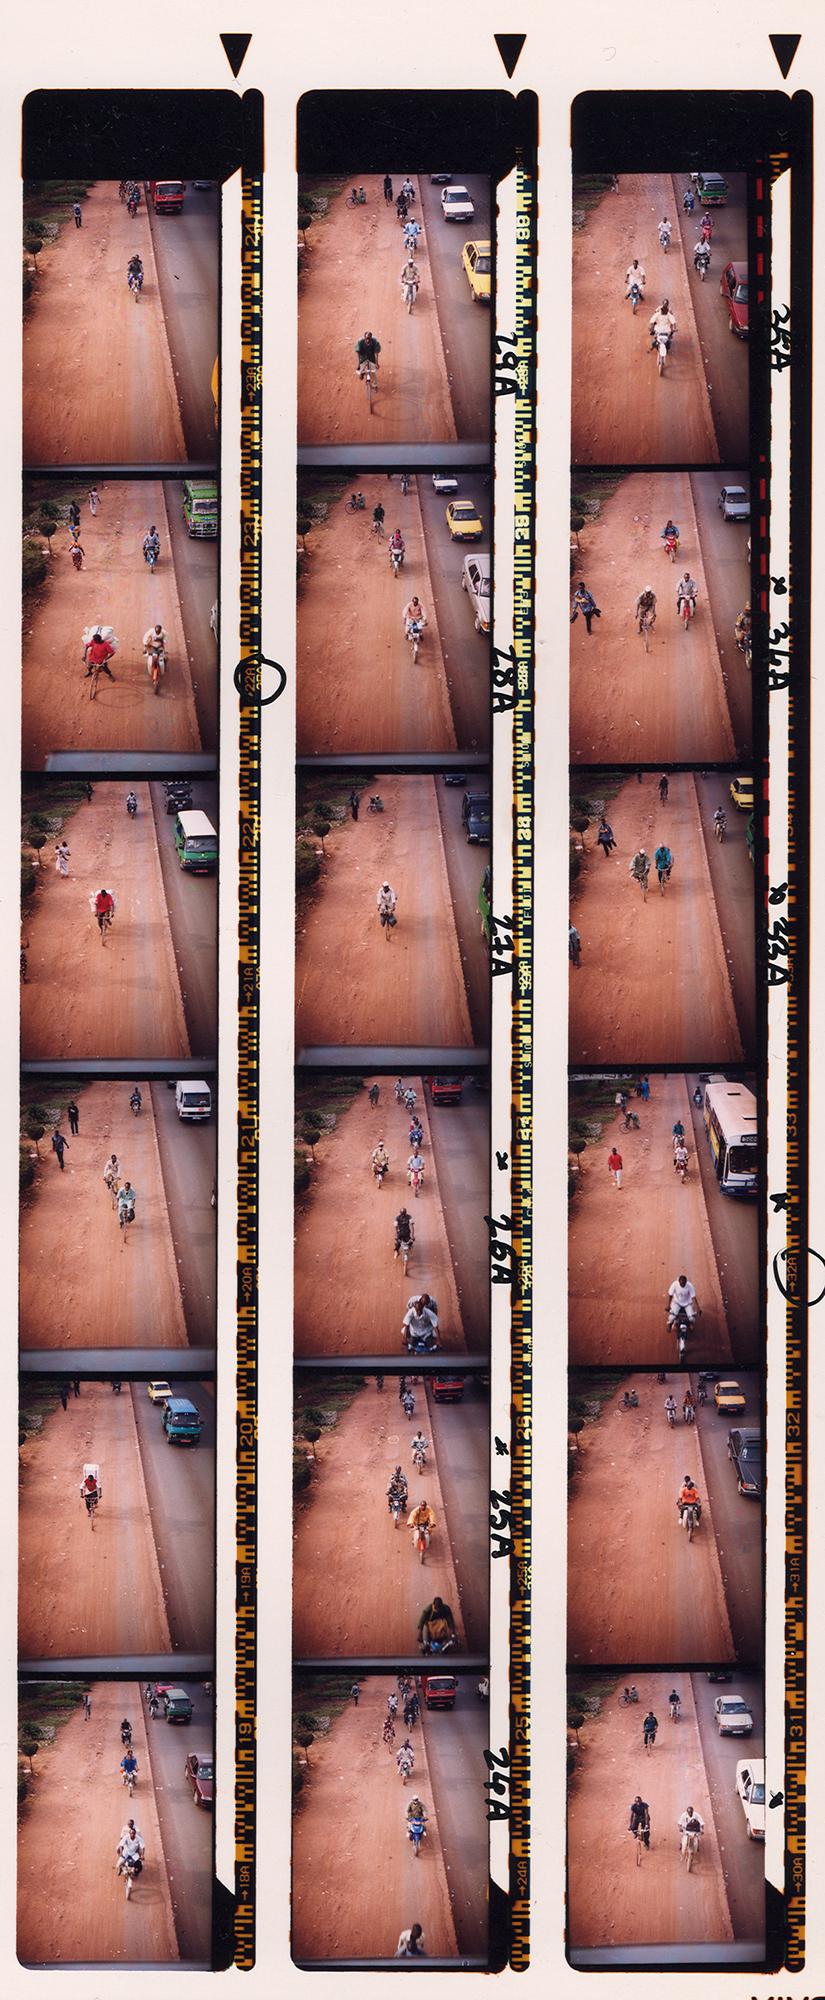 Magnolia Soto. Serie Bamako sur le pont, 2005. Hoja de contacto 3. Fotografía.